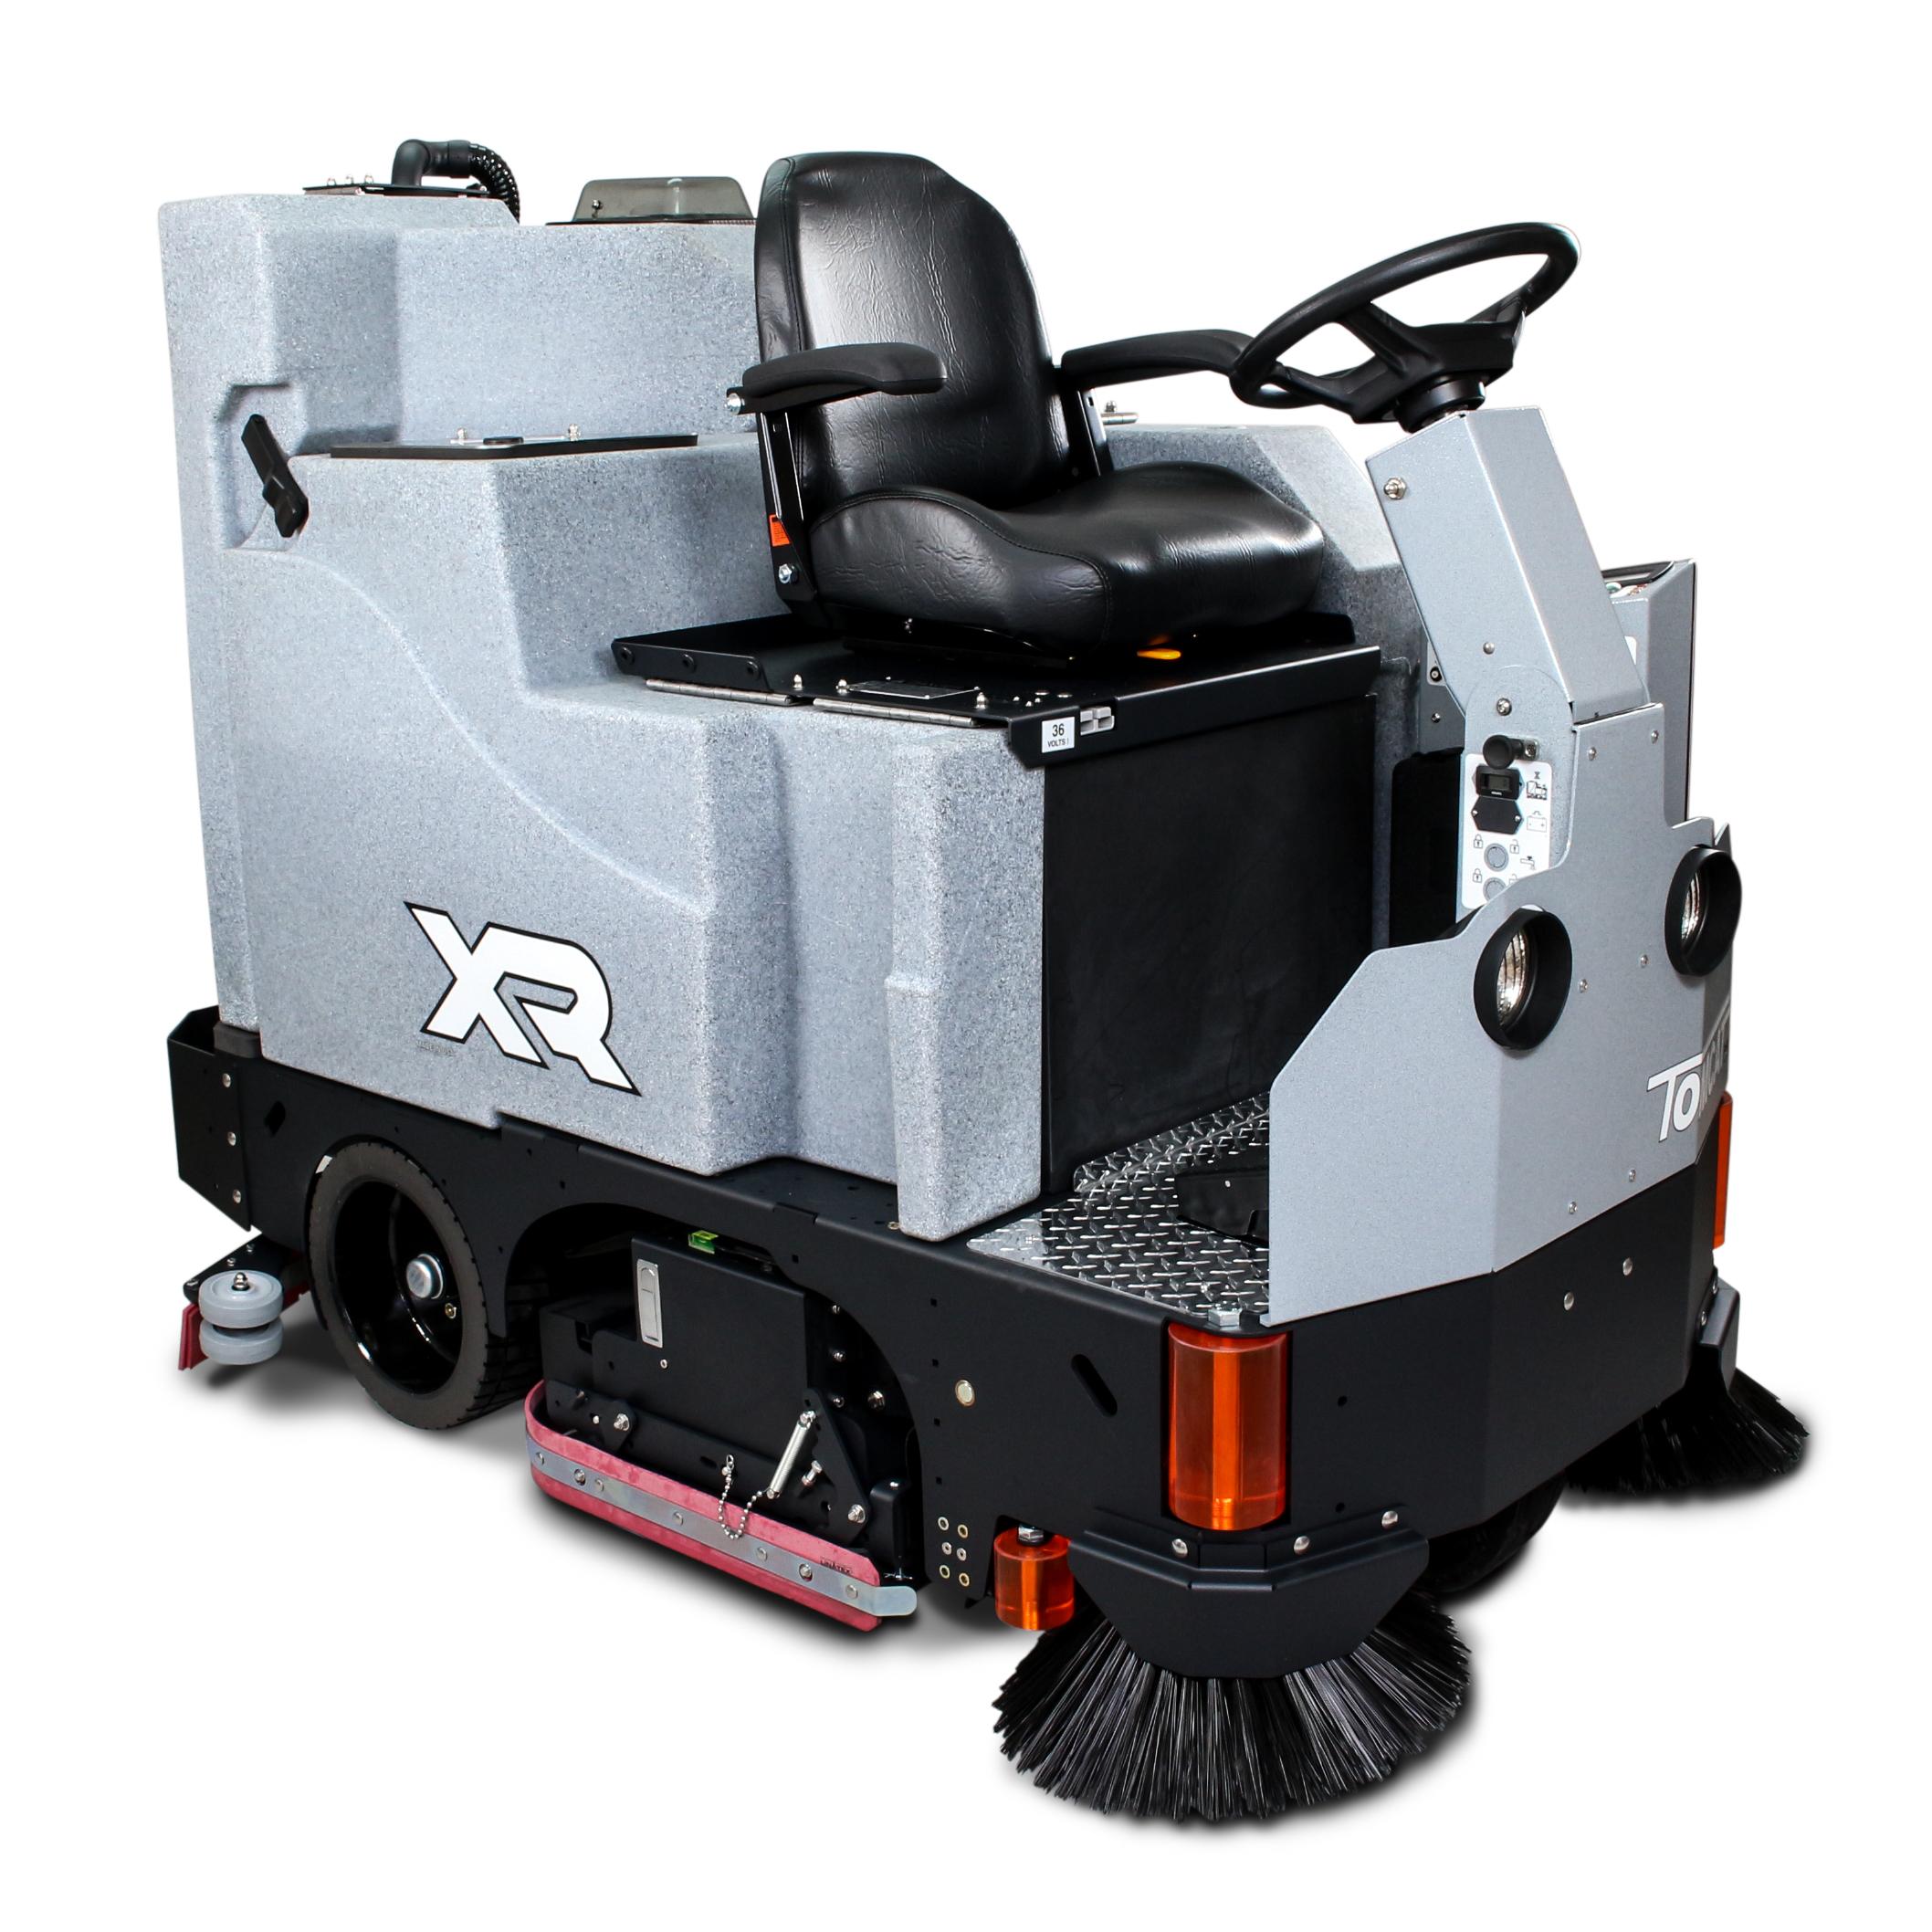 quot edge four tc inc imagehandler scrubber tomcat float micro im ashx pro floor packaging rider floors u